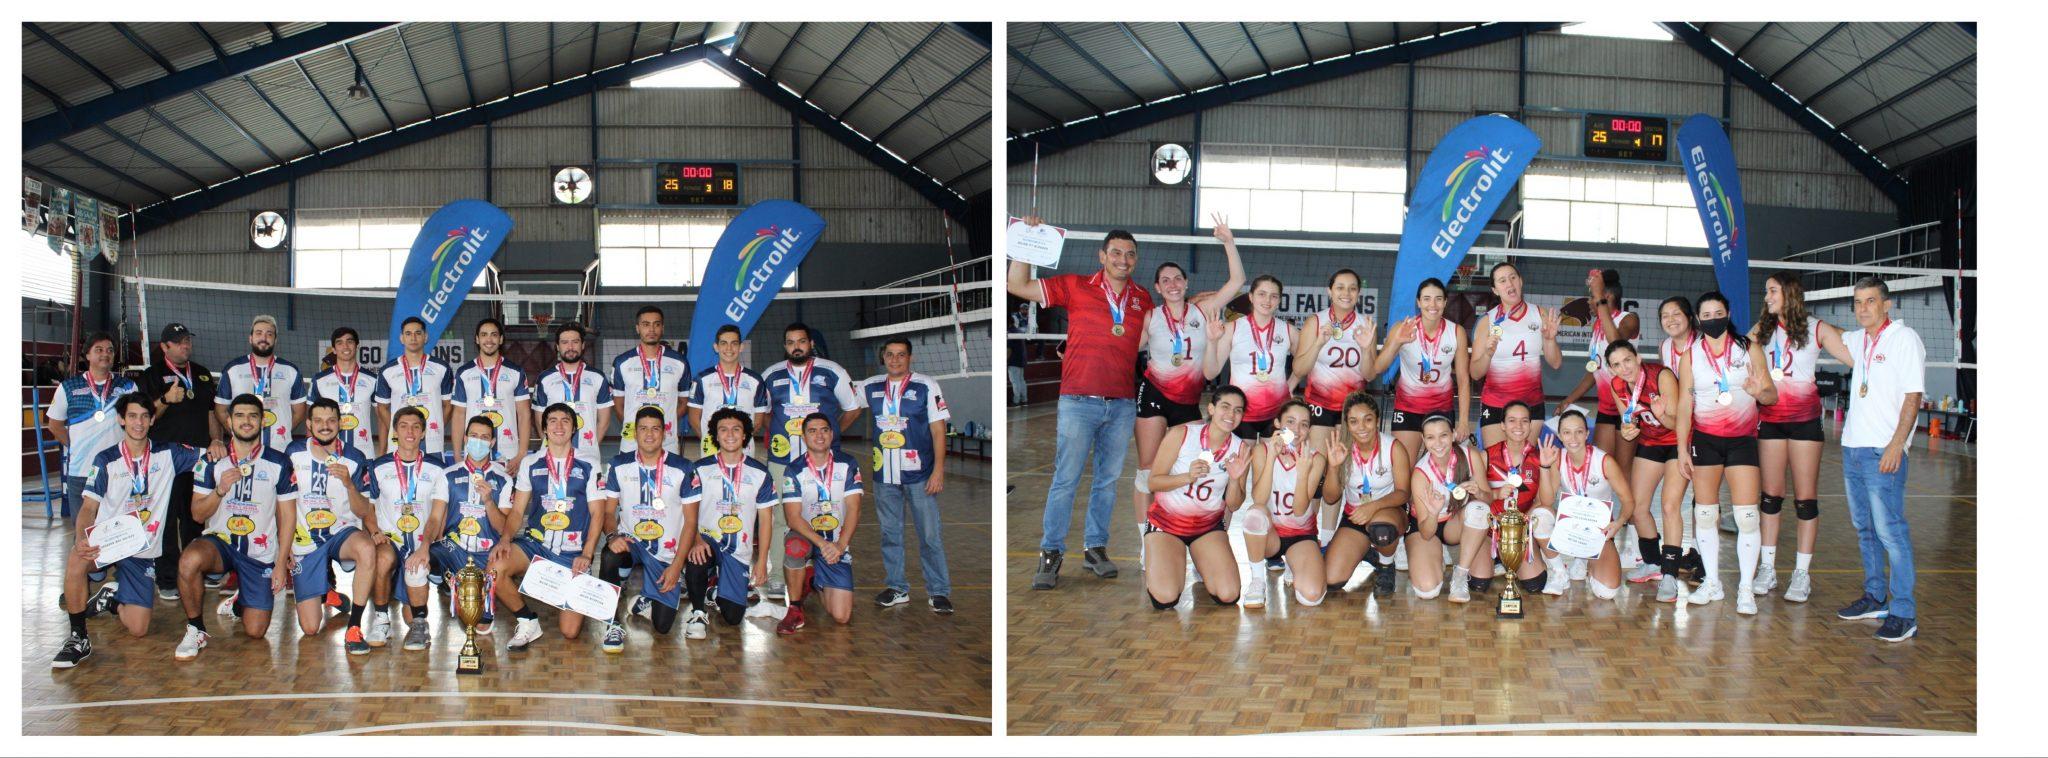 Santa Bárbara y Atenas: Campeones Nacionales en el voleibol costarricense